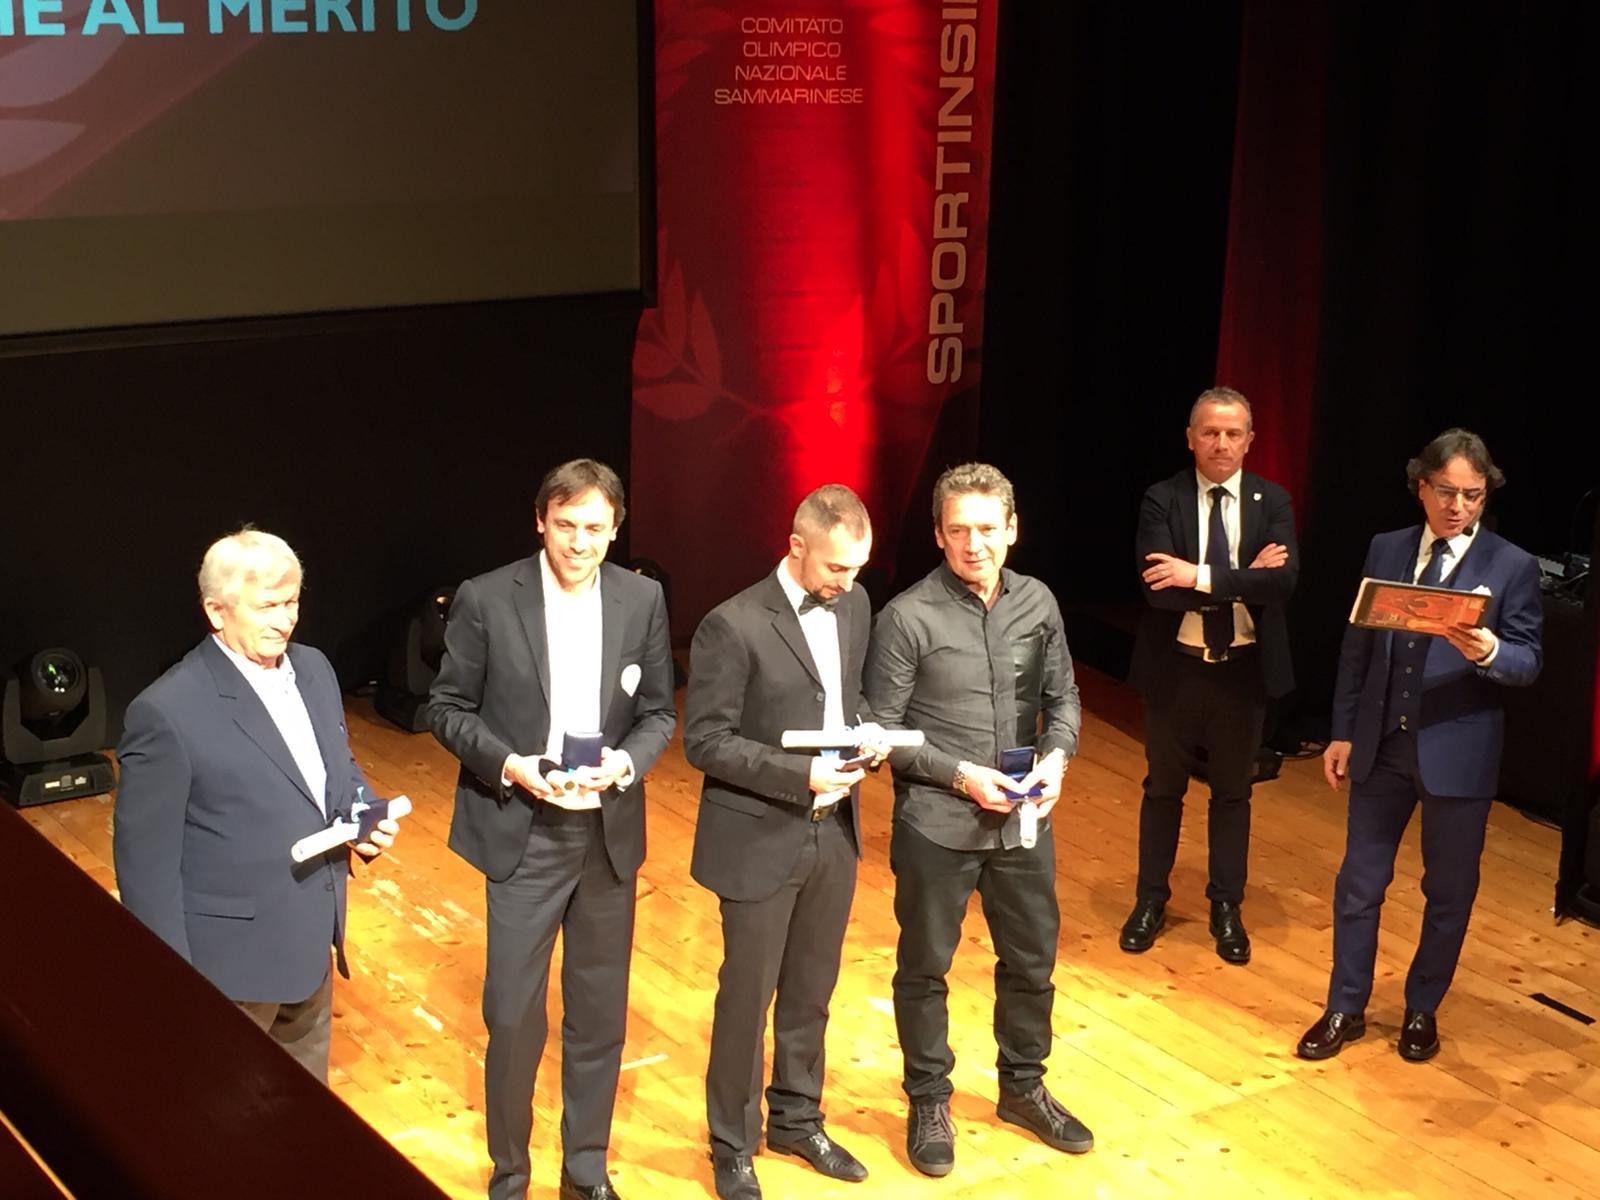 Campionato Sammarinese Assoluto 2019 - 5° titolo per Danilo Volpinari